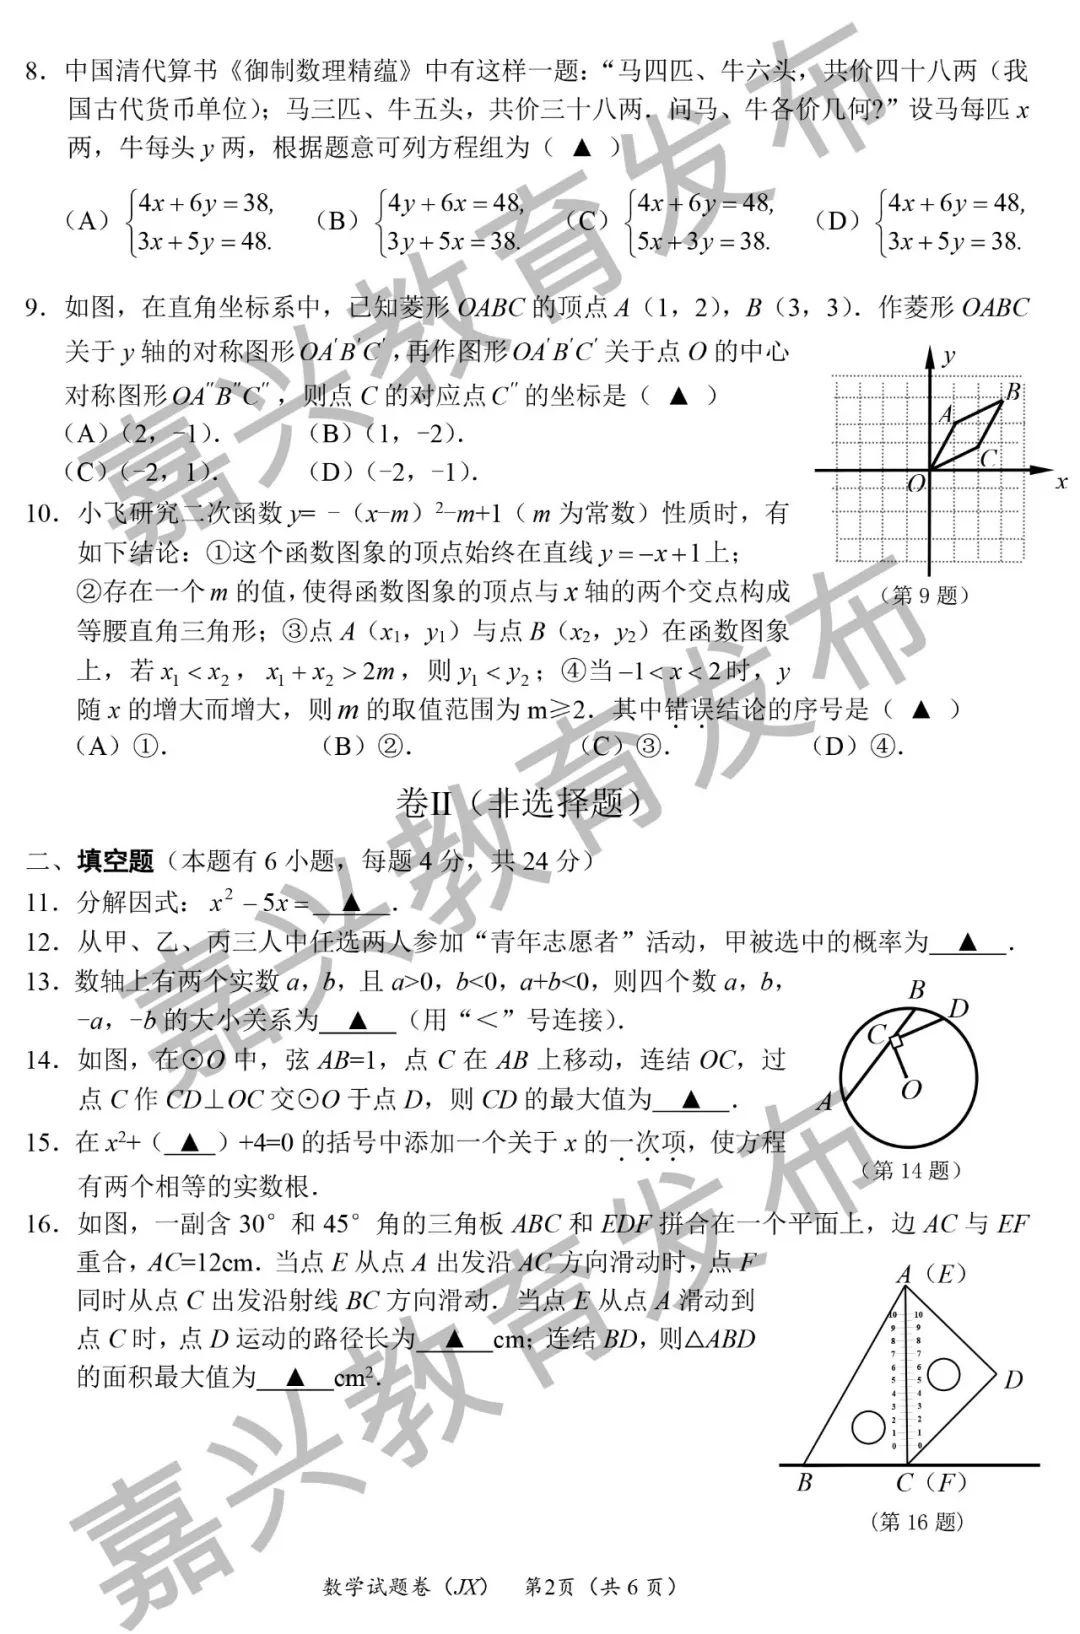 2019年浙江嘉兴中考《数学》真题及答案已公布